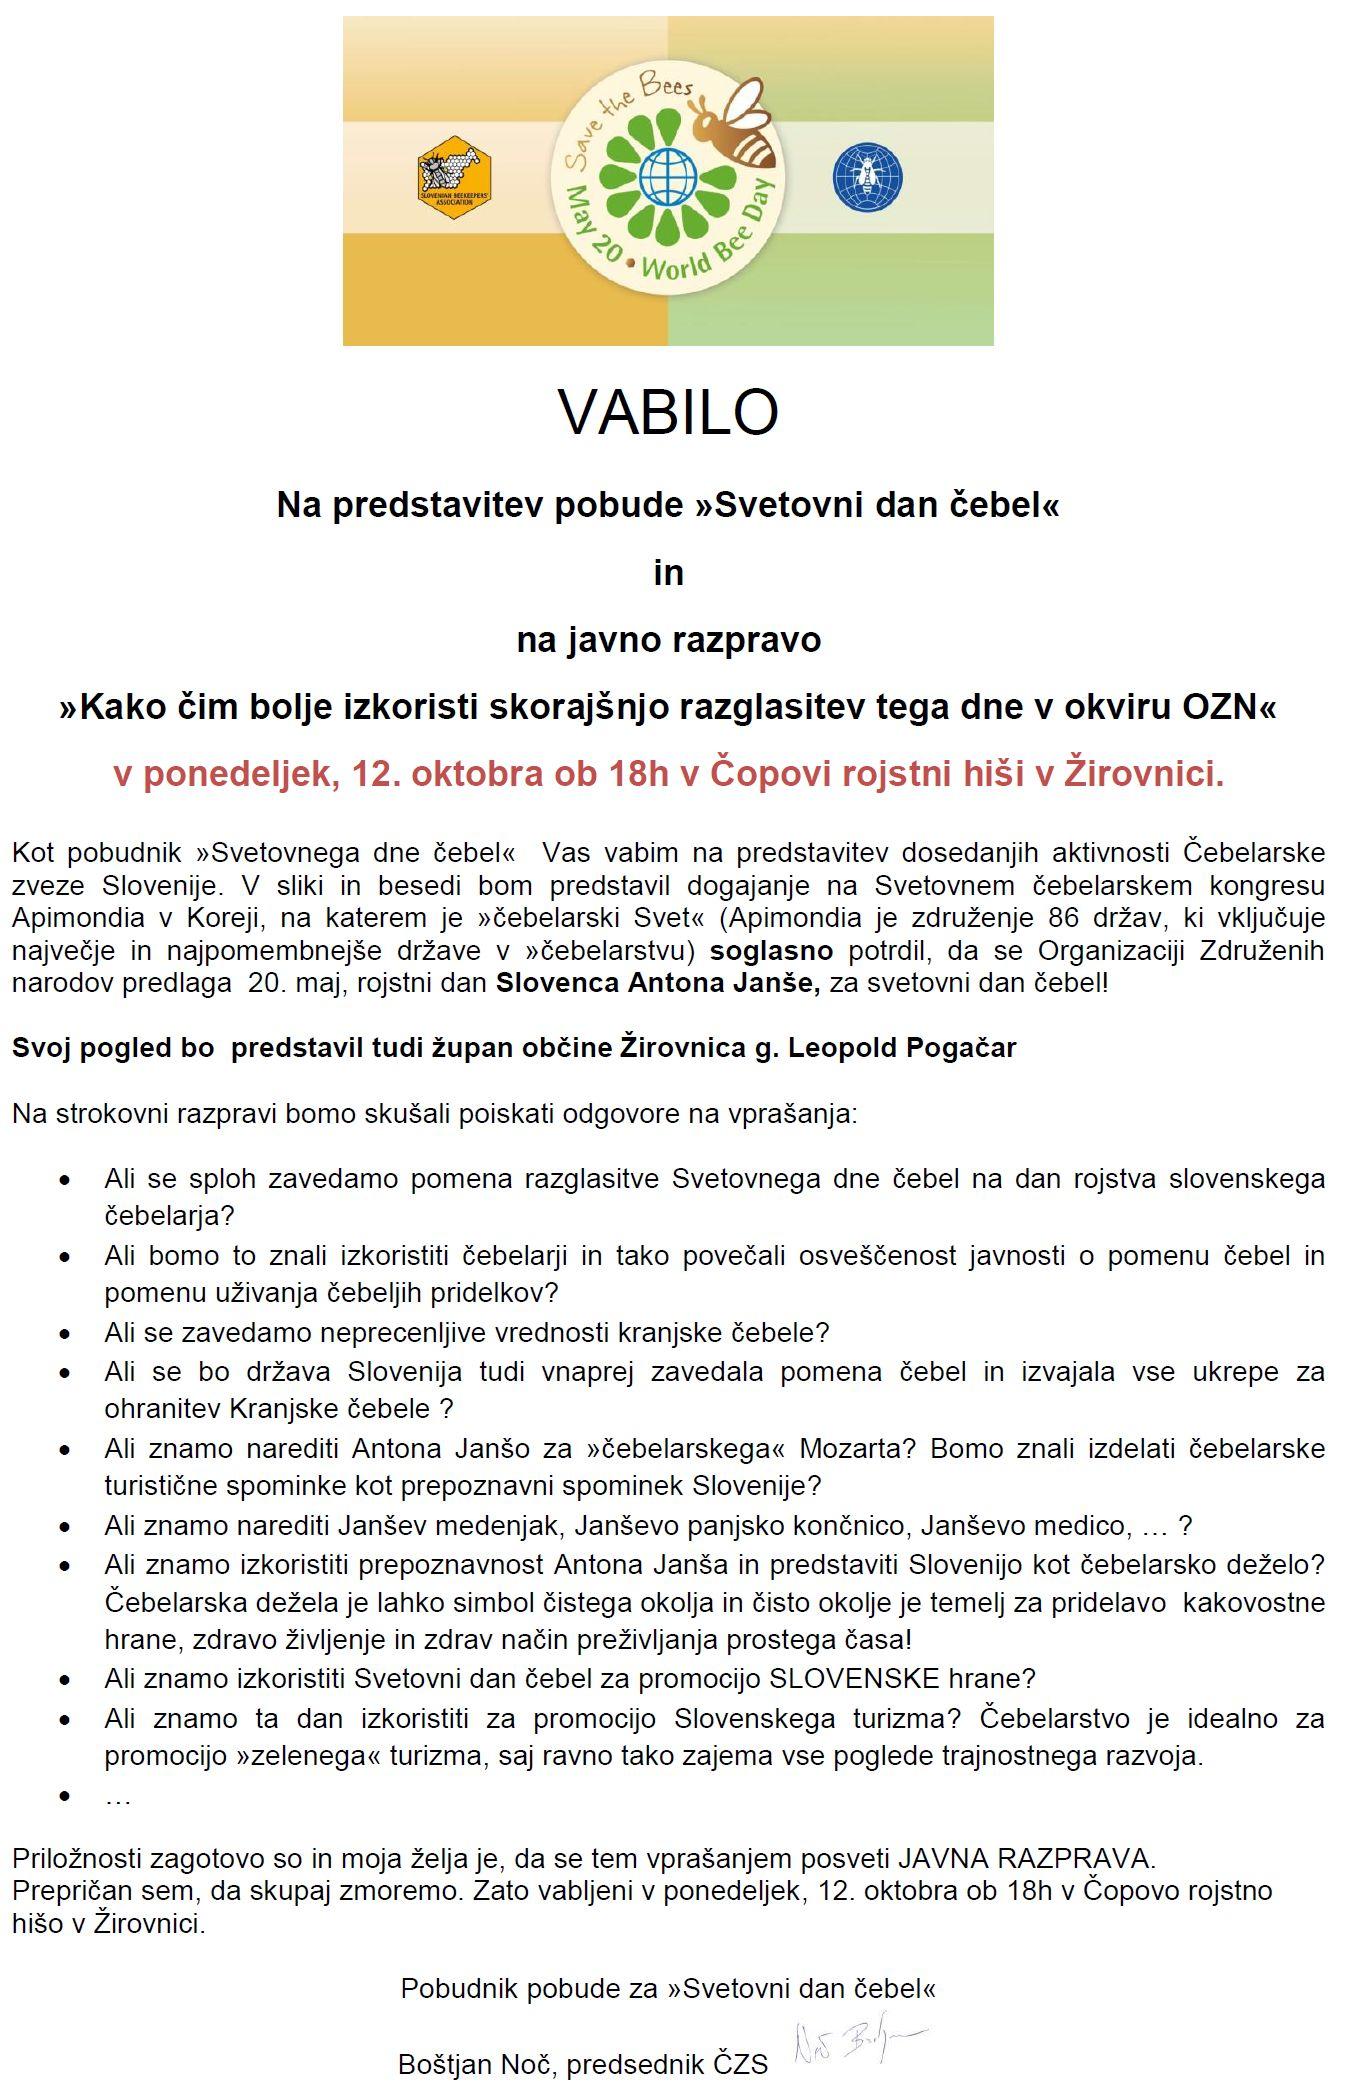 Vabilo - predstavitev pobude Svetovni dan ebel (1)